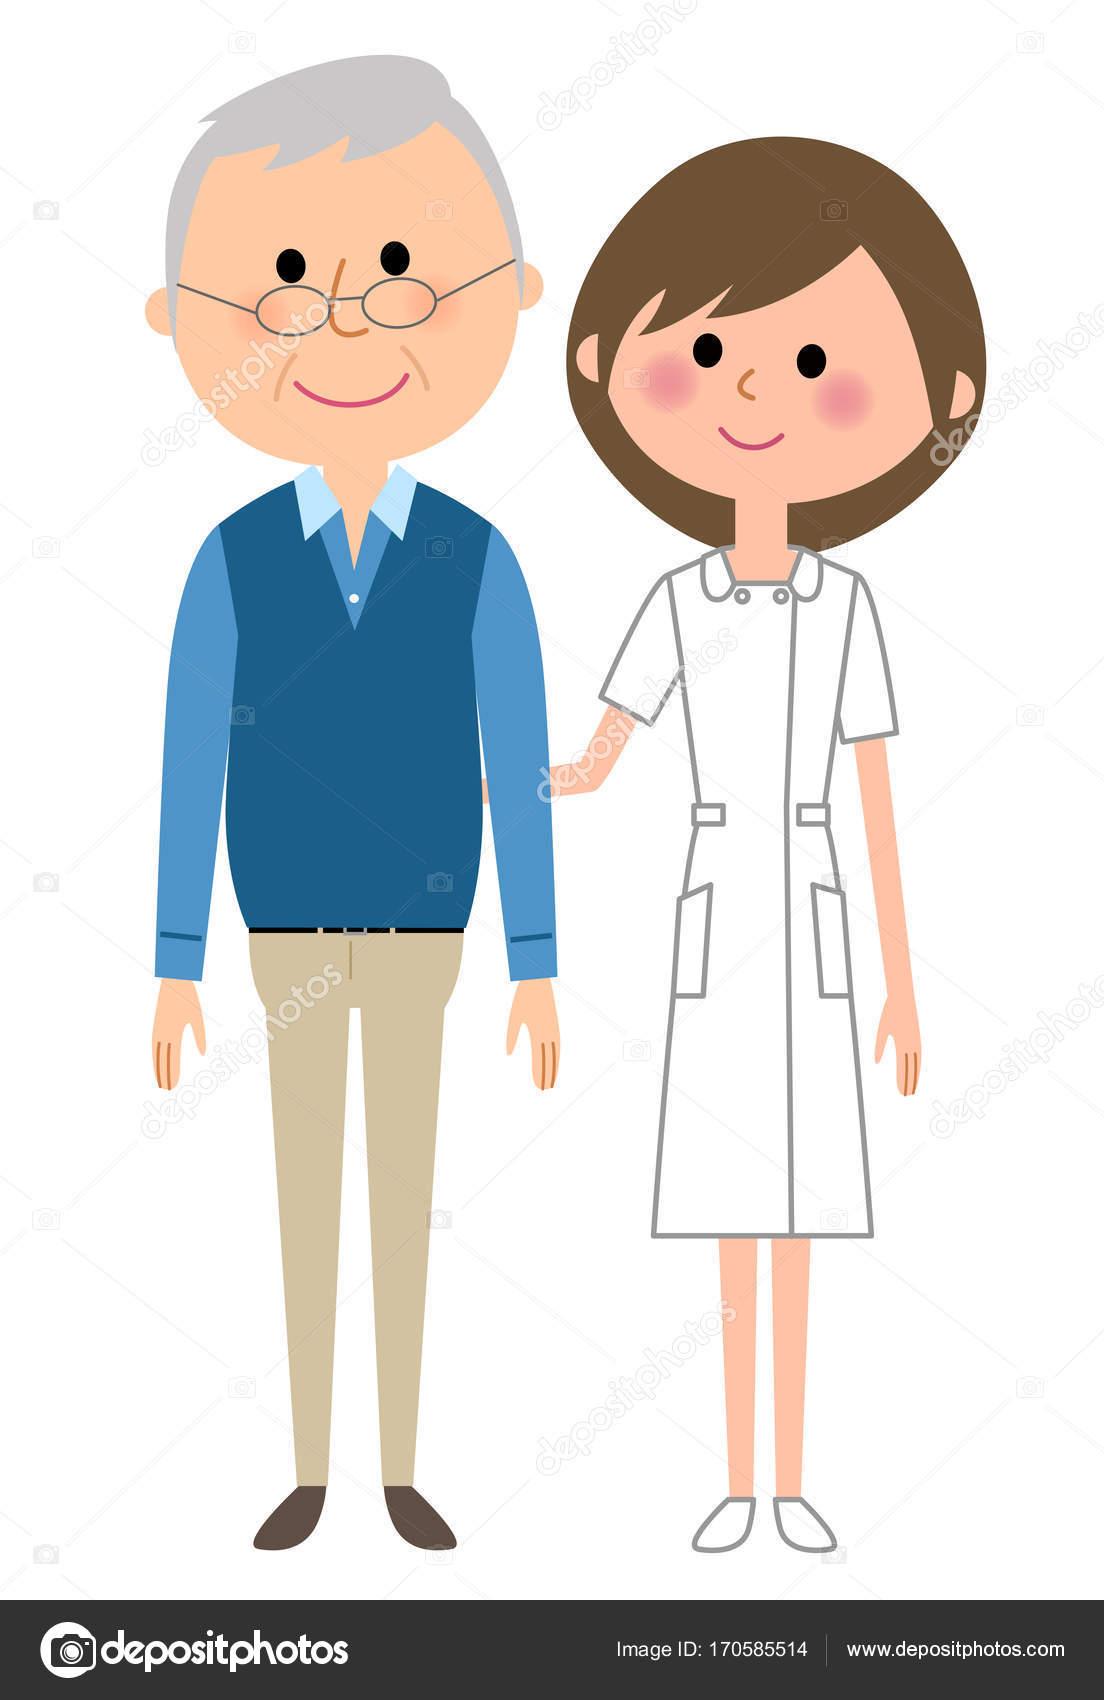 看護師と患者 ストックベクター Studiolaut 170585514